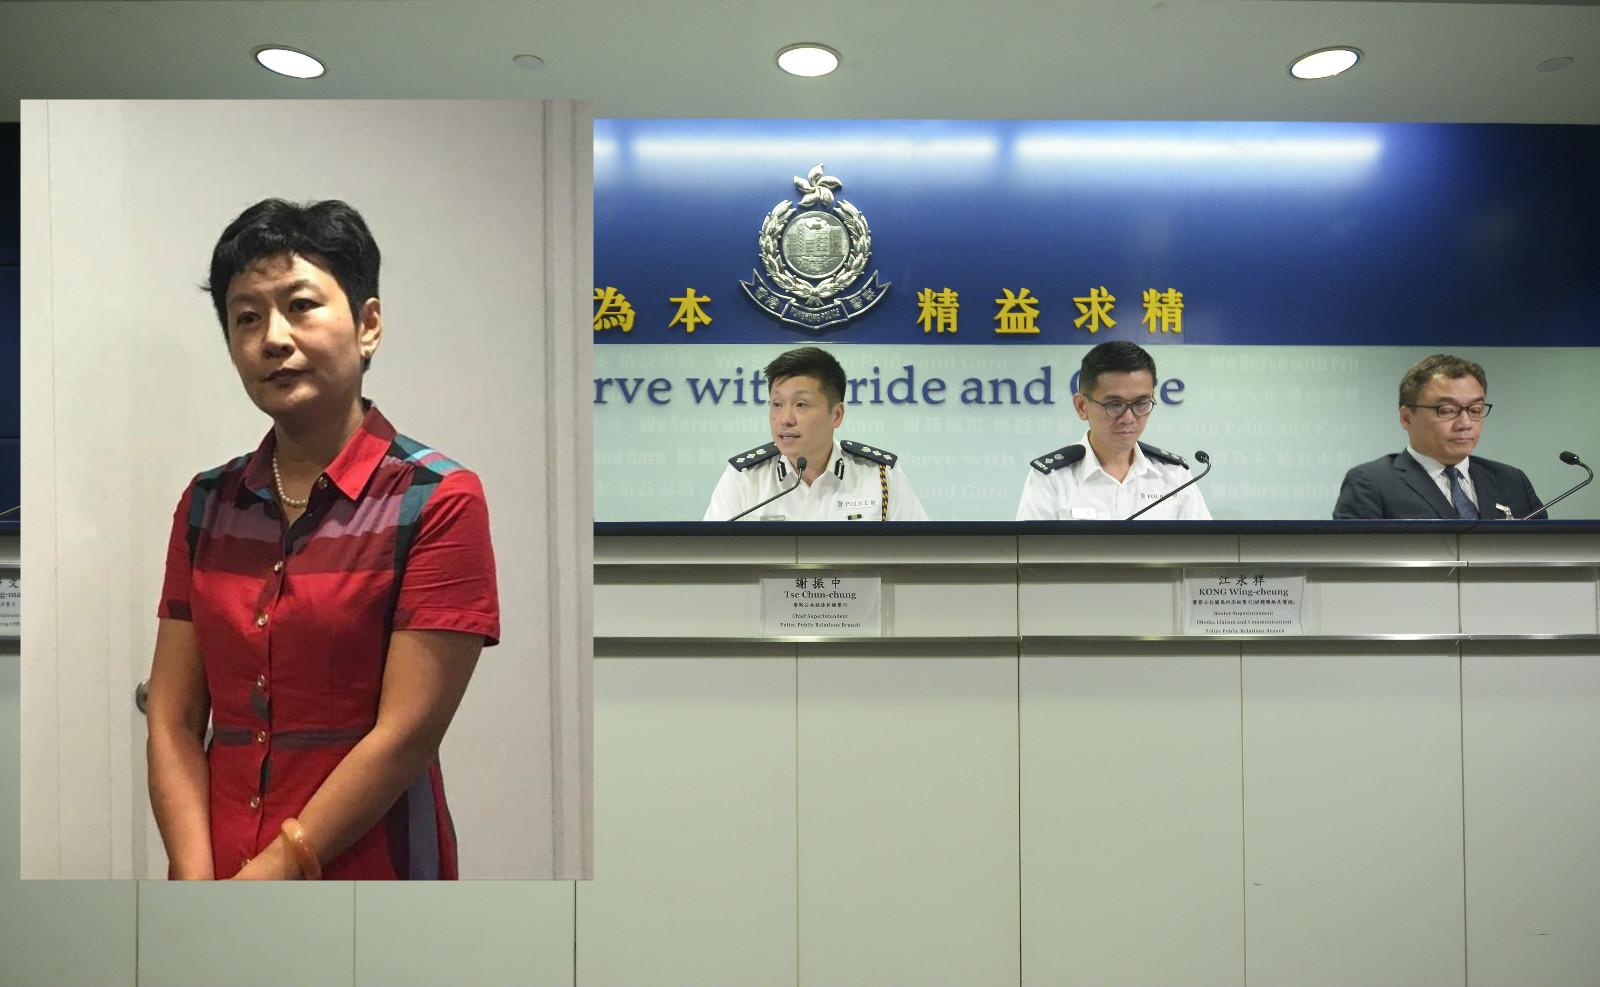 廣東廣播電視台指香港記者站站長陳曉前(左圖)。資料圖片